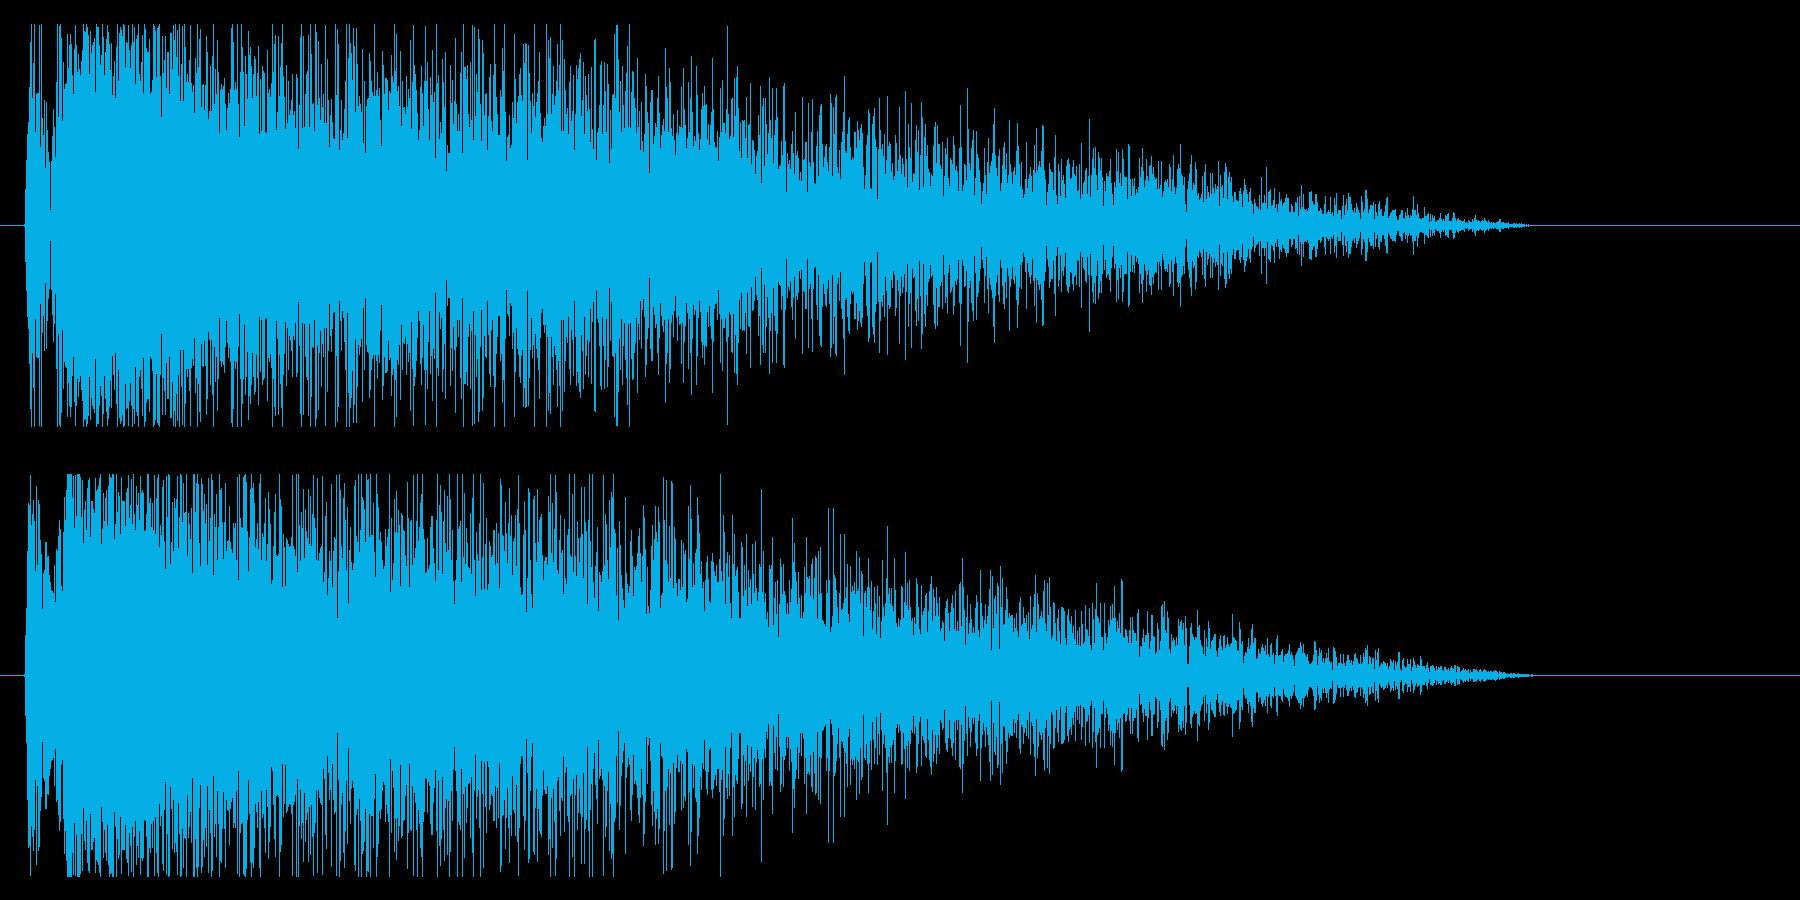 『ドカーン』クラッシュ音、爆発音、雷鳴の再生済みの波形